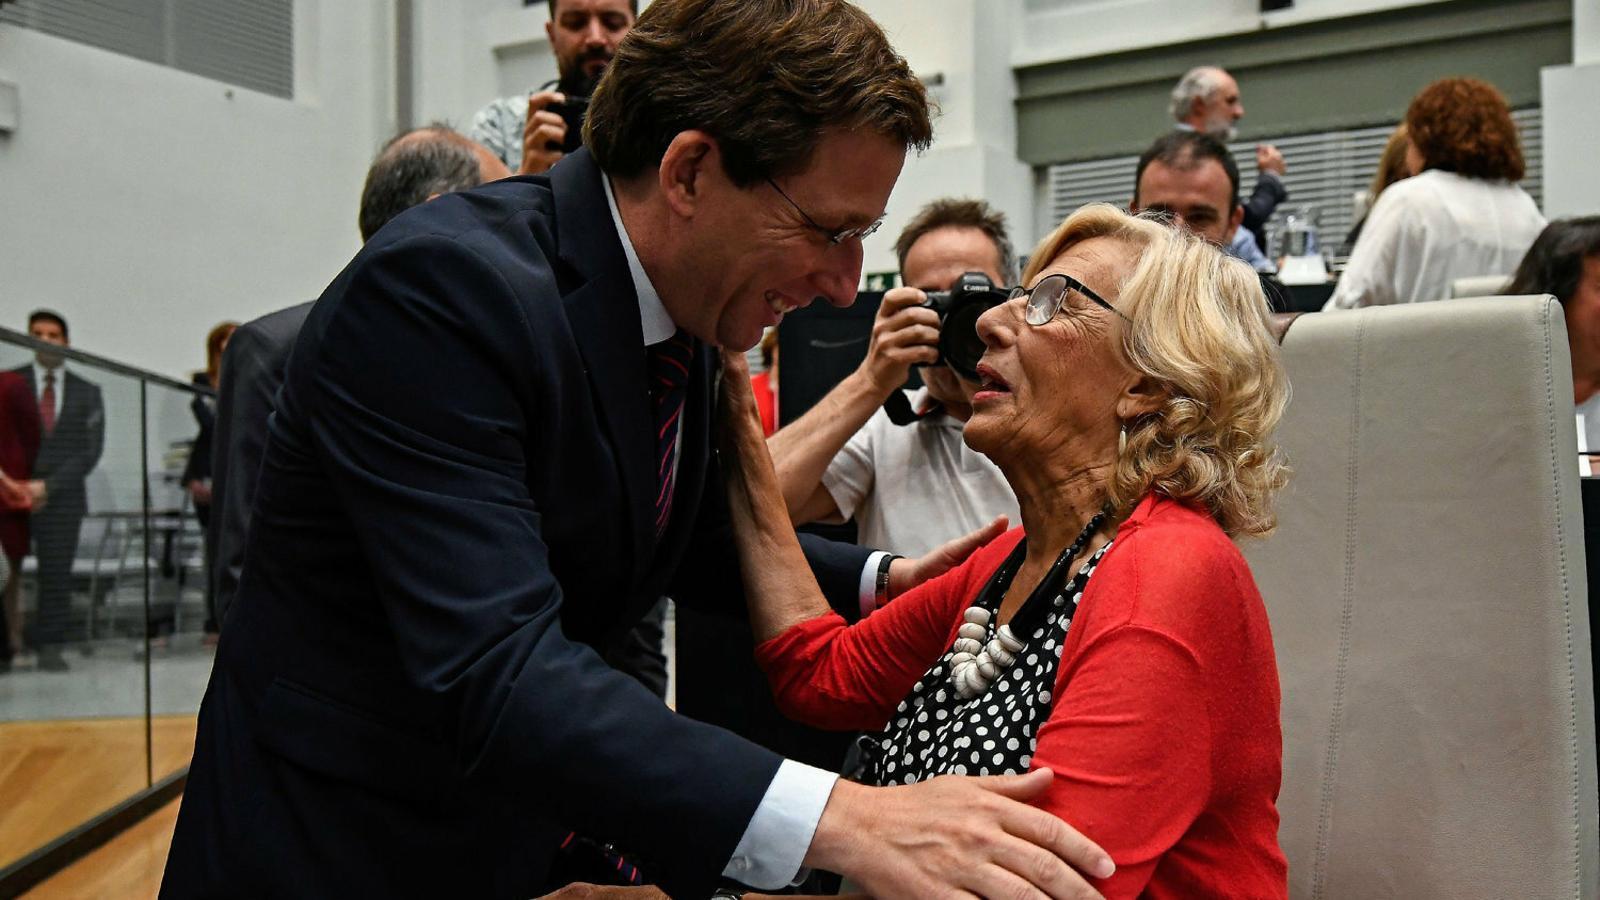 El nou alcalde, Martínez-Almeida, pren el relleu de Manuela Carmena.